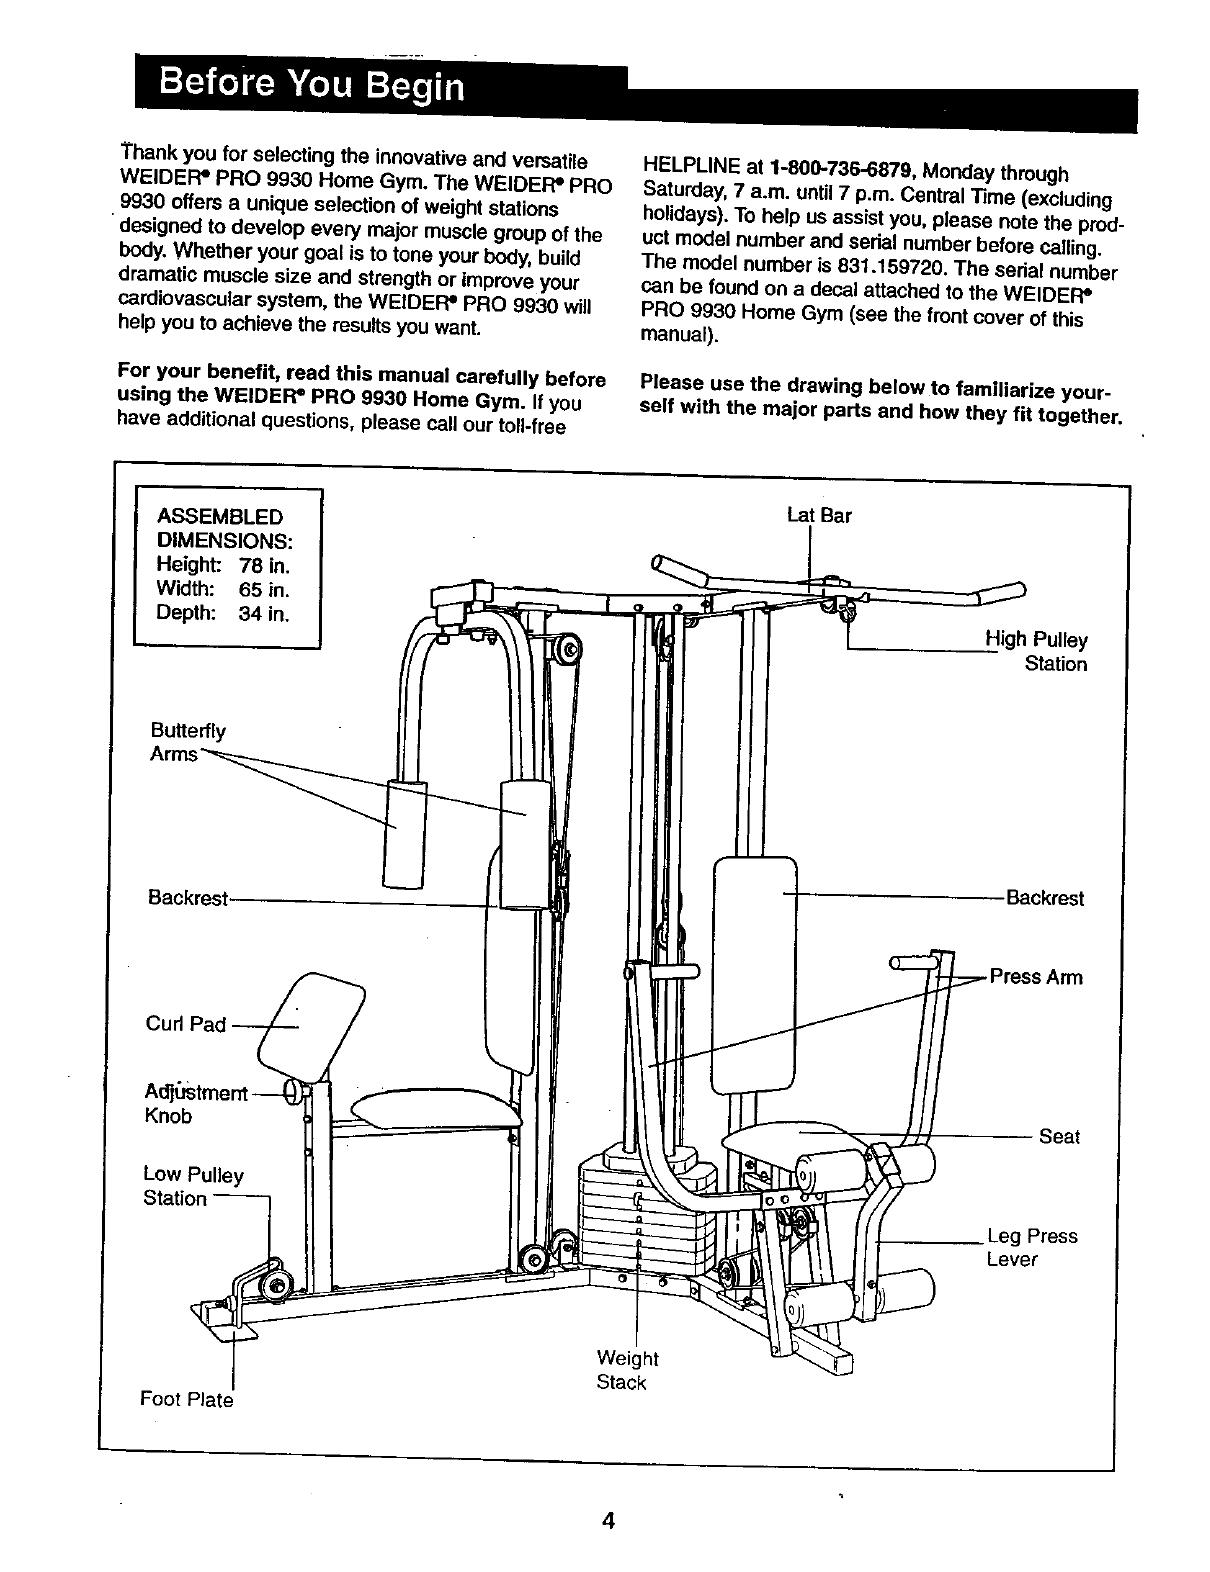 Kia Develops Innovative New Mild Manual Guide